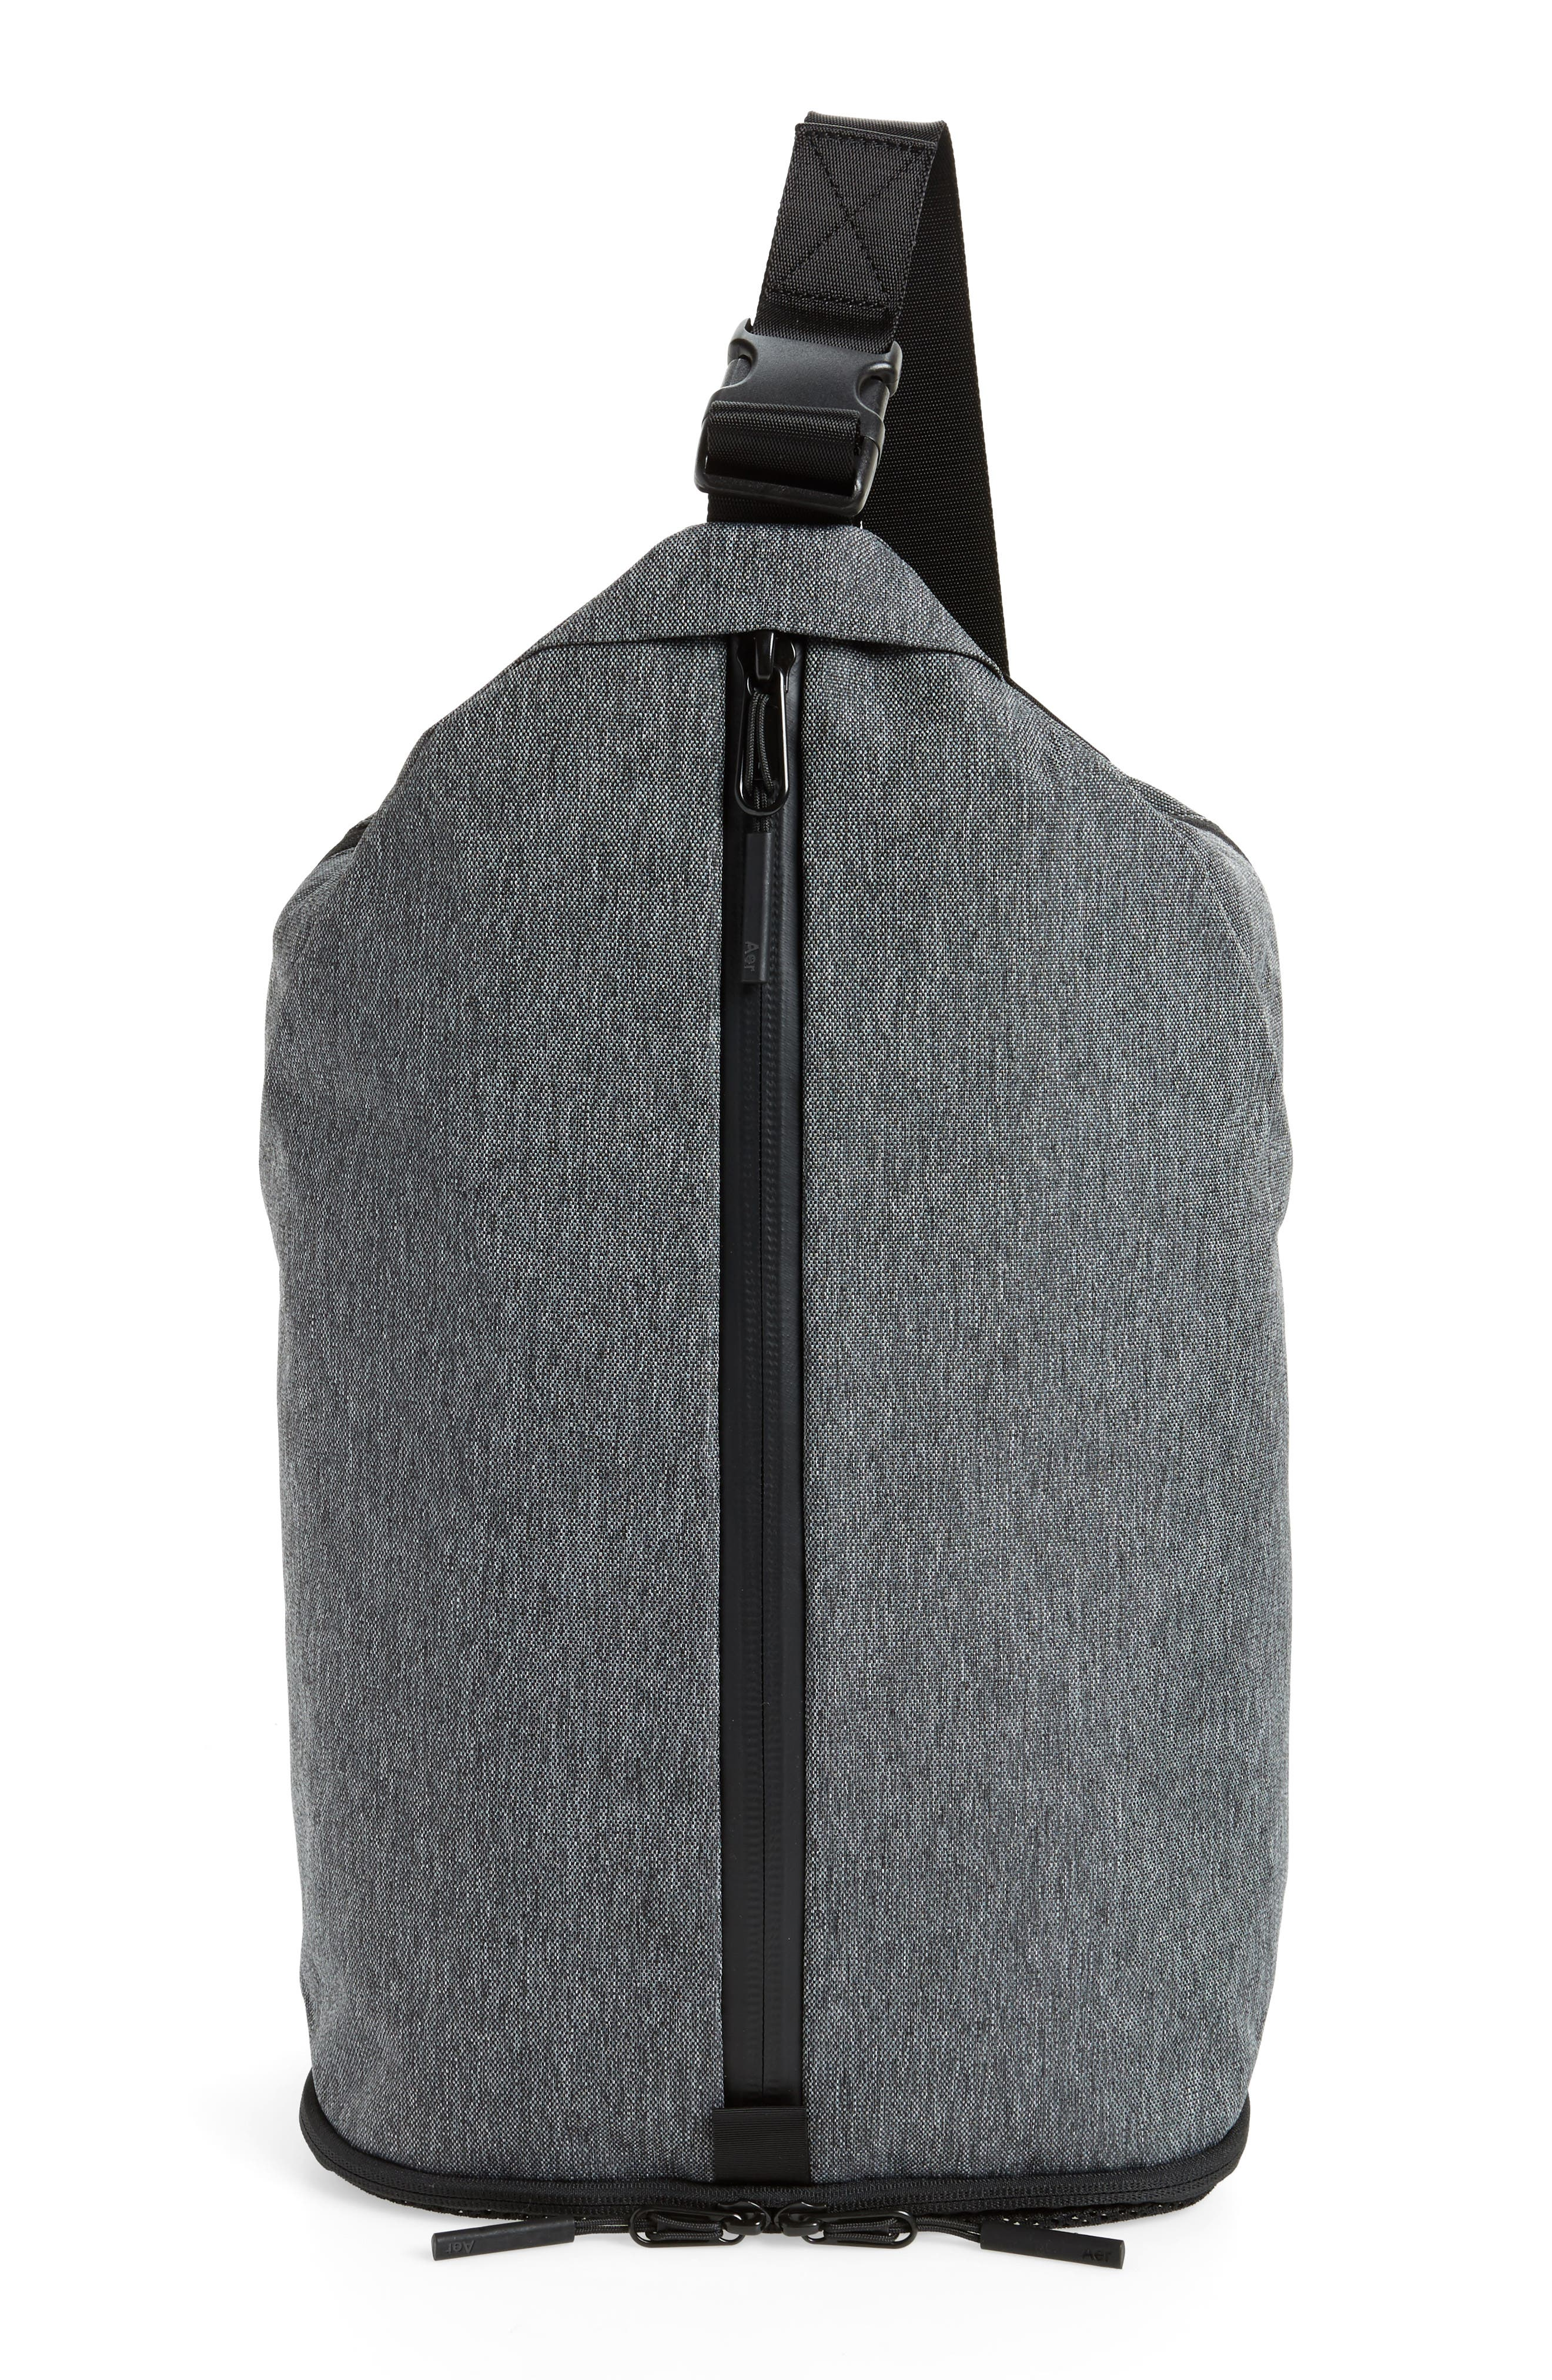 Alternate Image 1 Selected - Aer Sling Bag 2 Sling